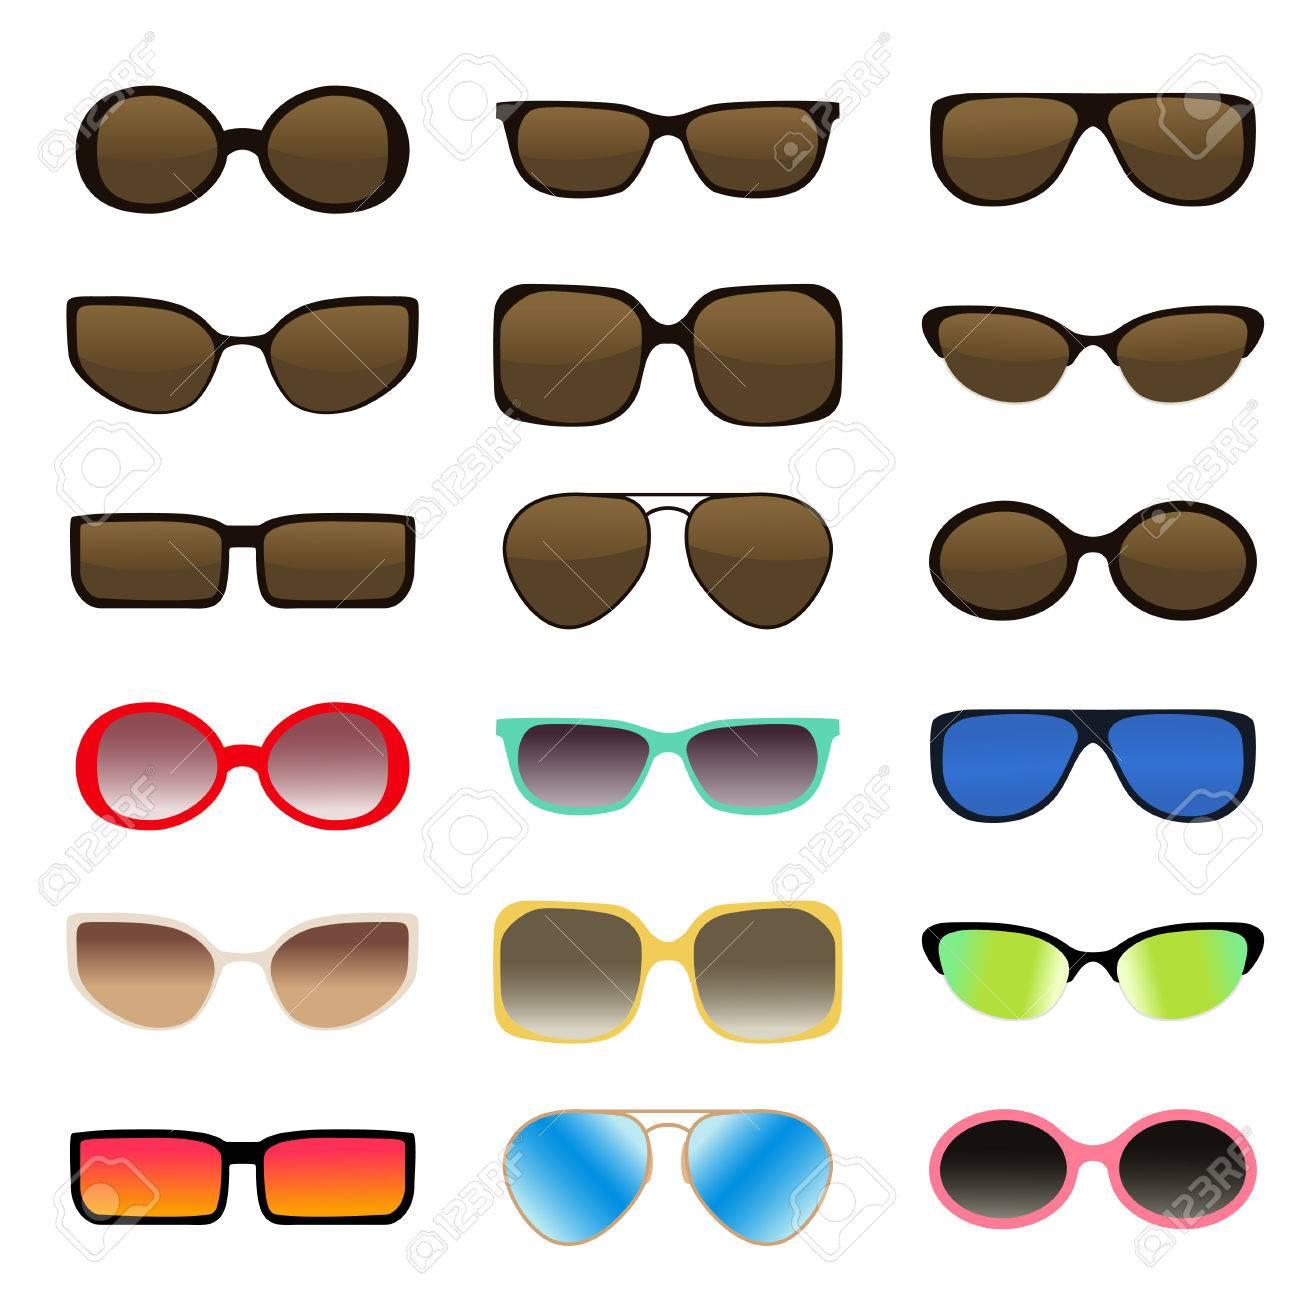 Gafas De Sol Conjunto - Multicolores, Aislados - Ilustración ...